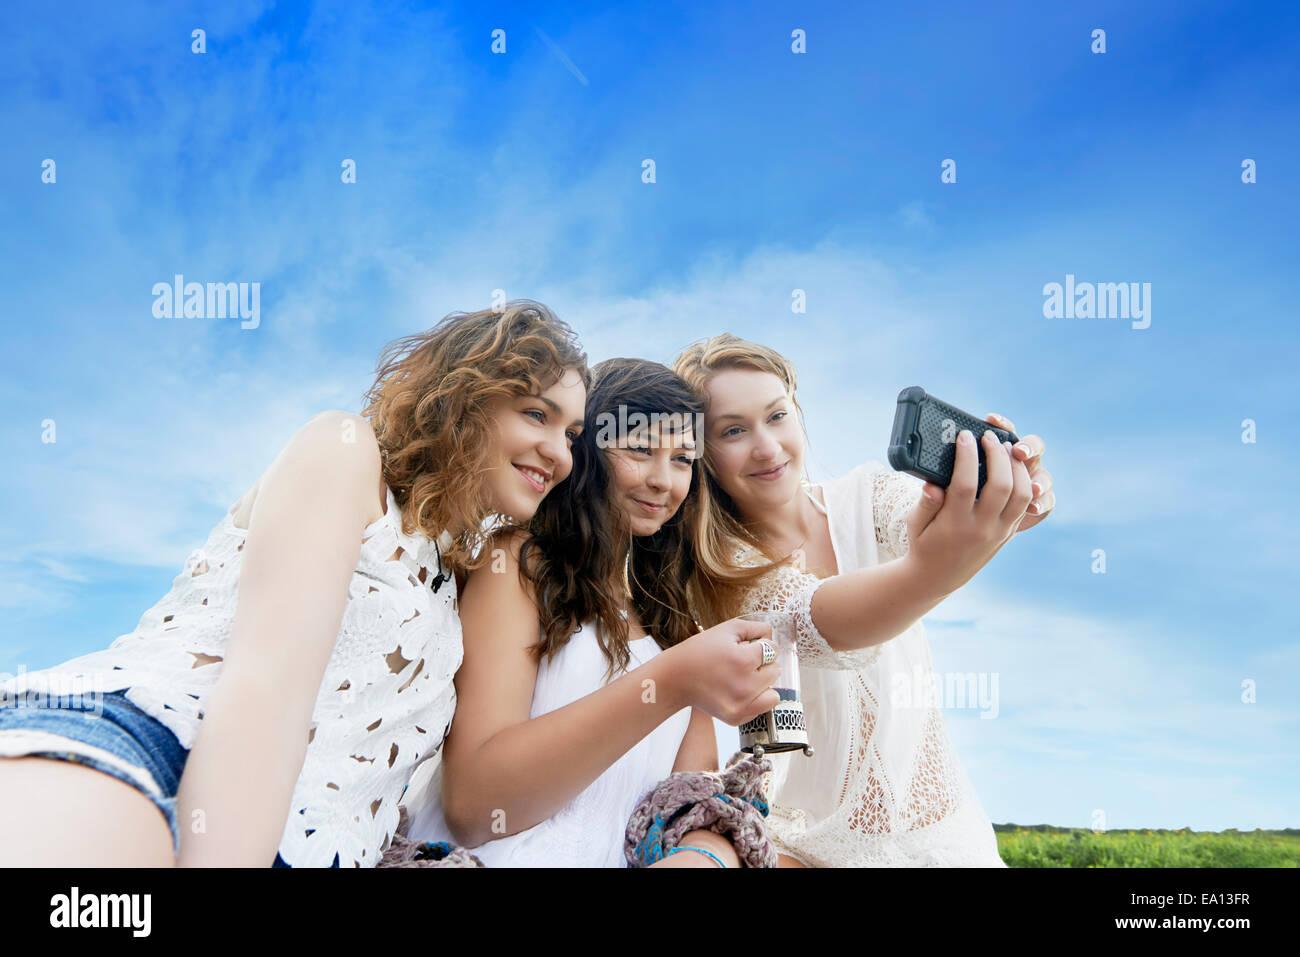 Tres mujeres jóvenes en el campo posando para selfie en smartphone Imagen De Stock